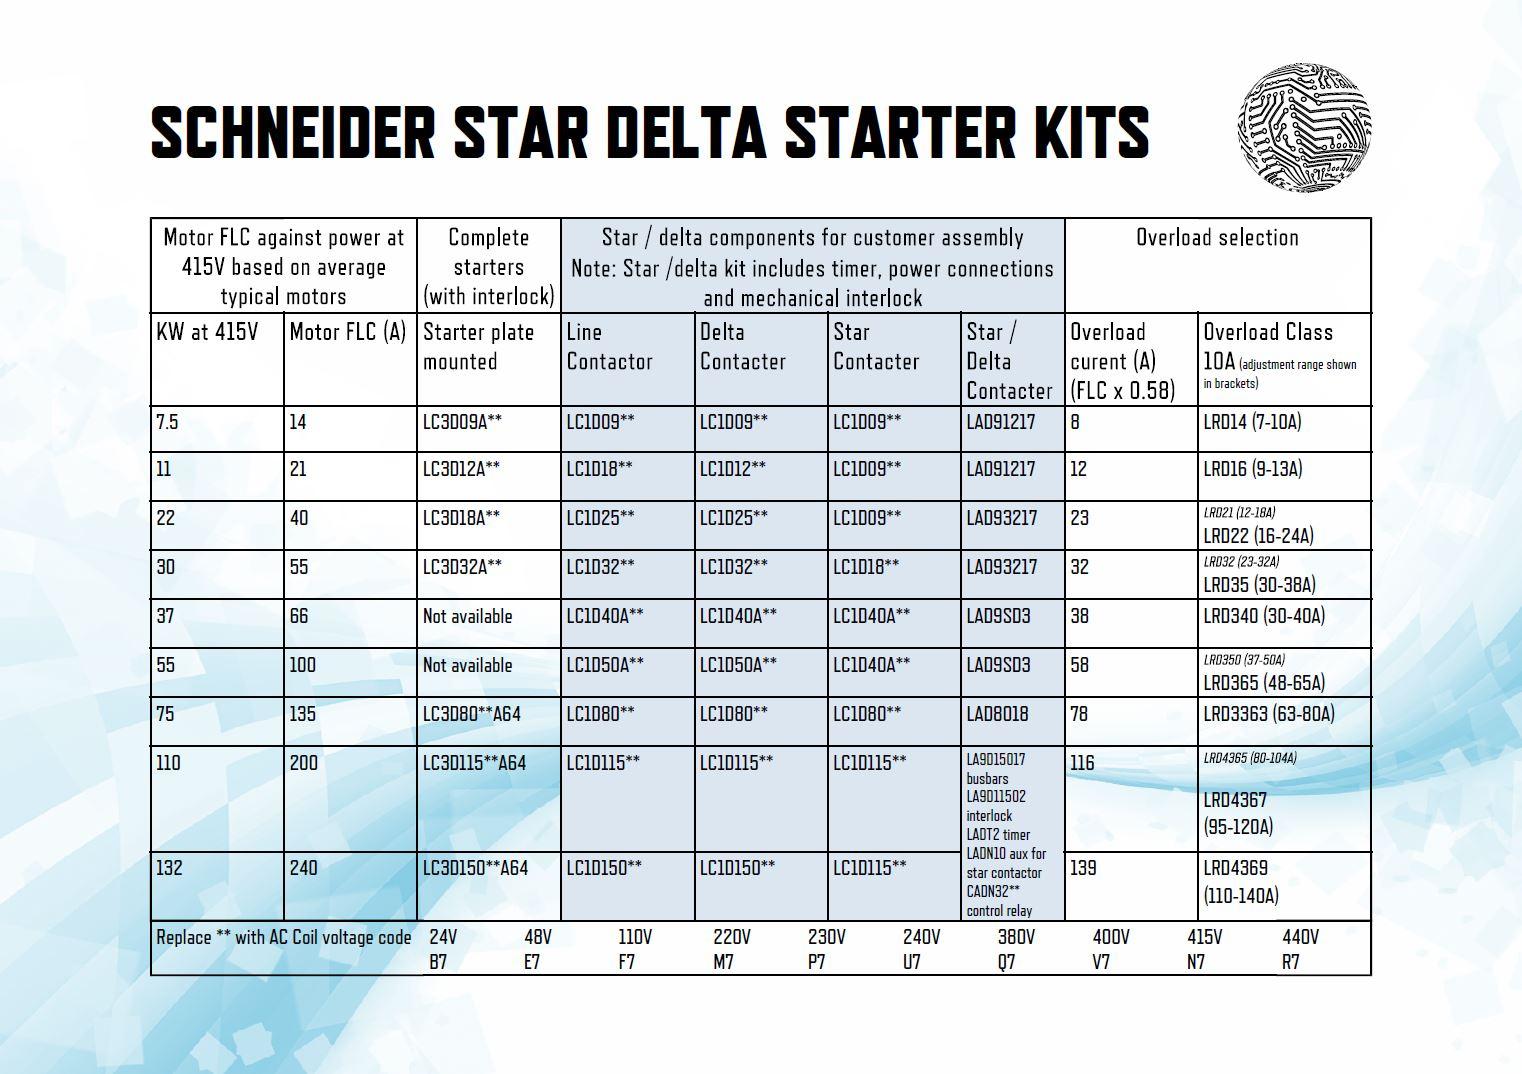 Square d motor starter heater sizing chart for Schneider motor starter selection guide